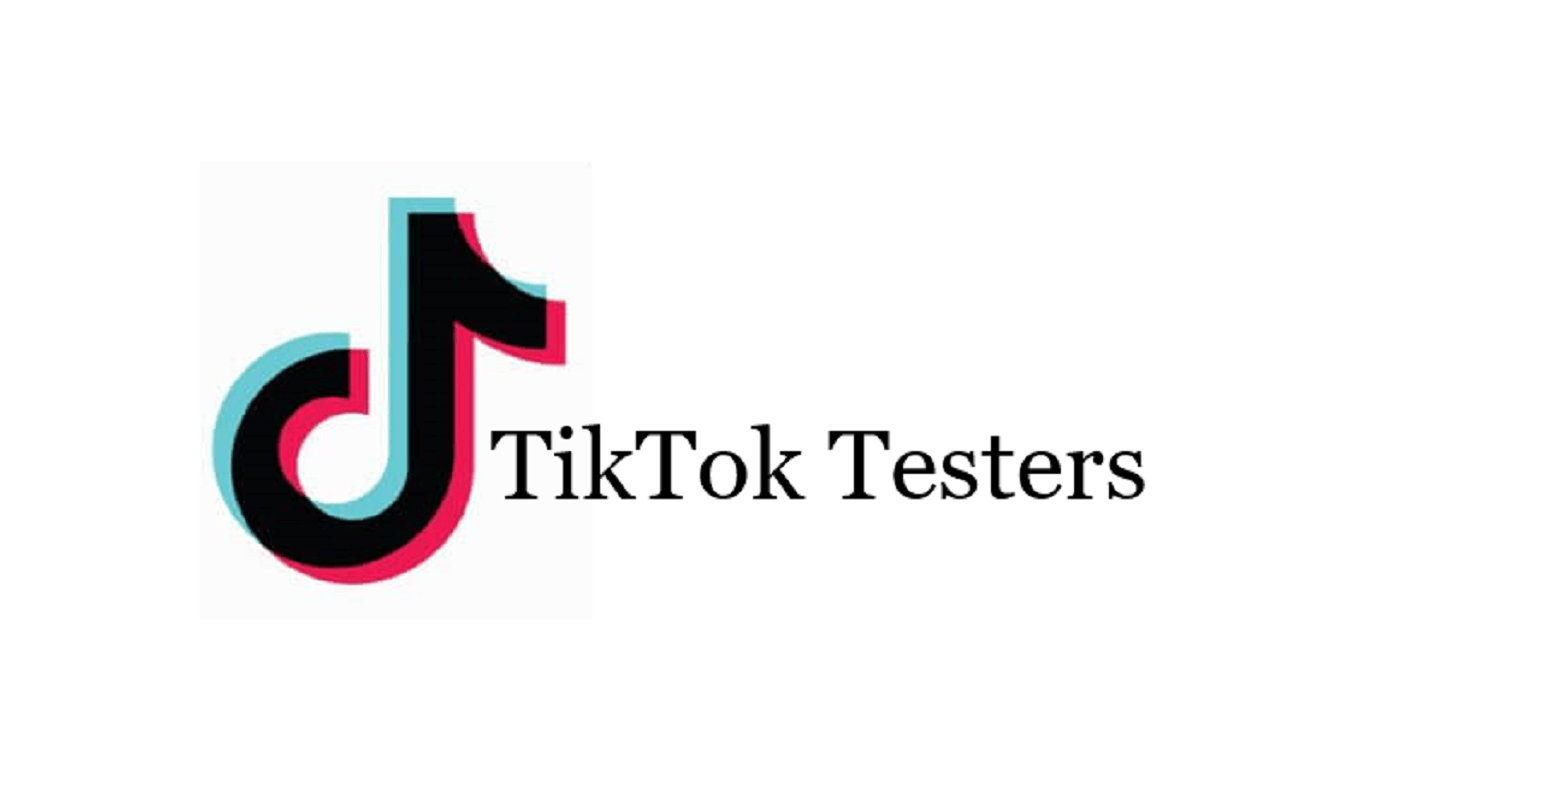 TikTok Testers